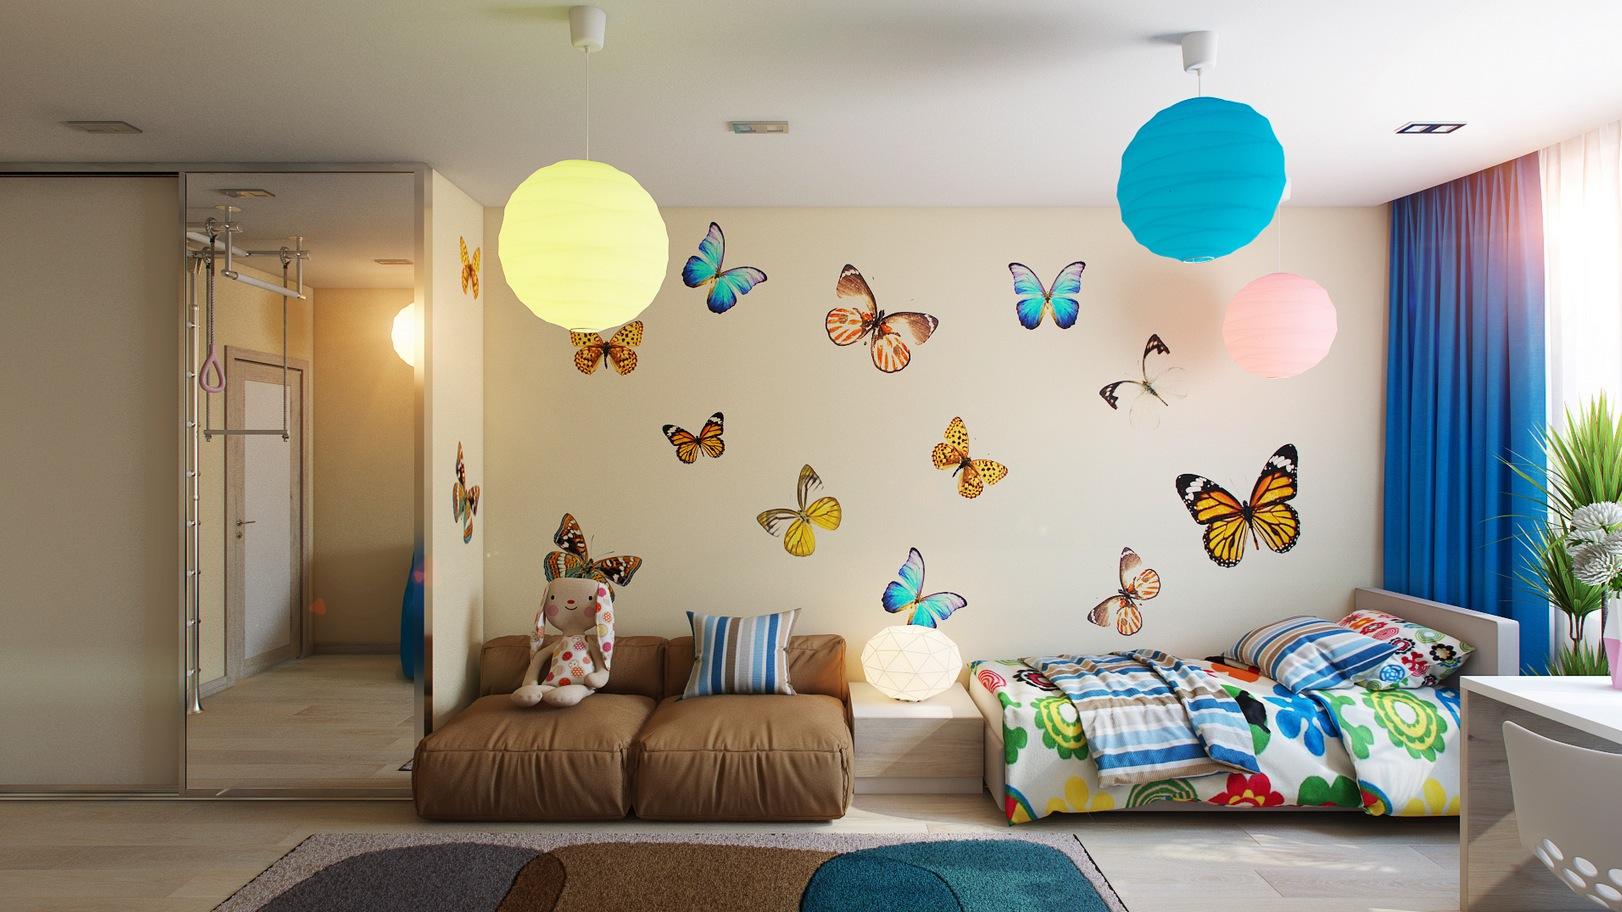 Бабочки наклейки в интерьере